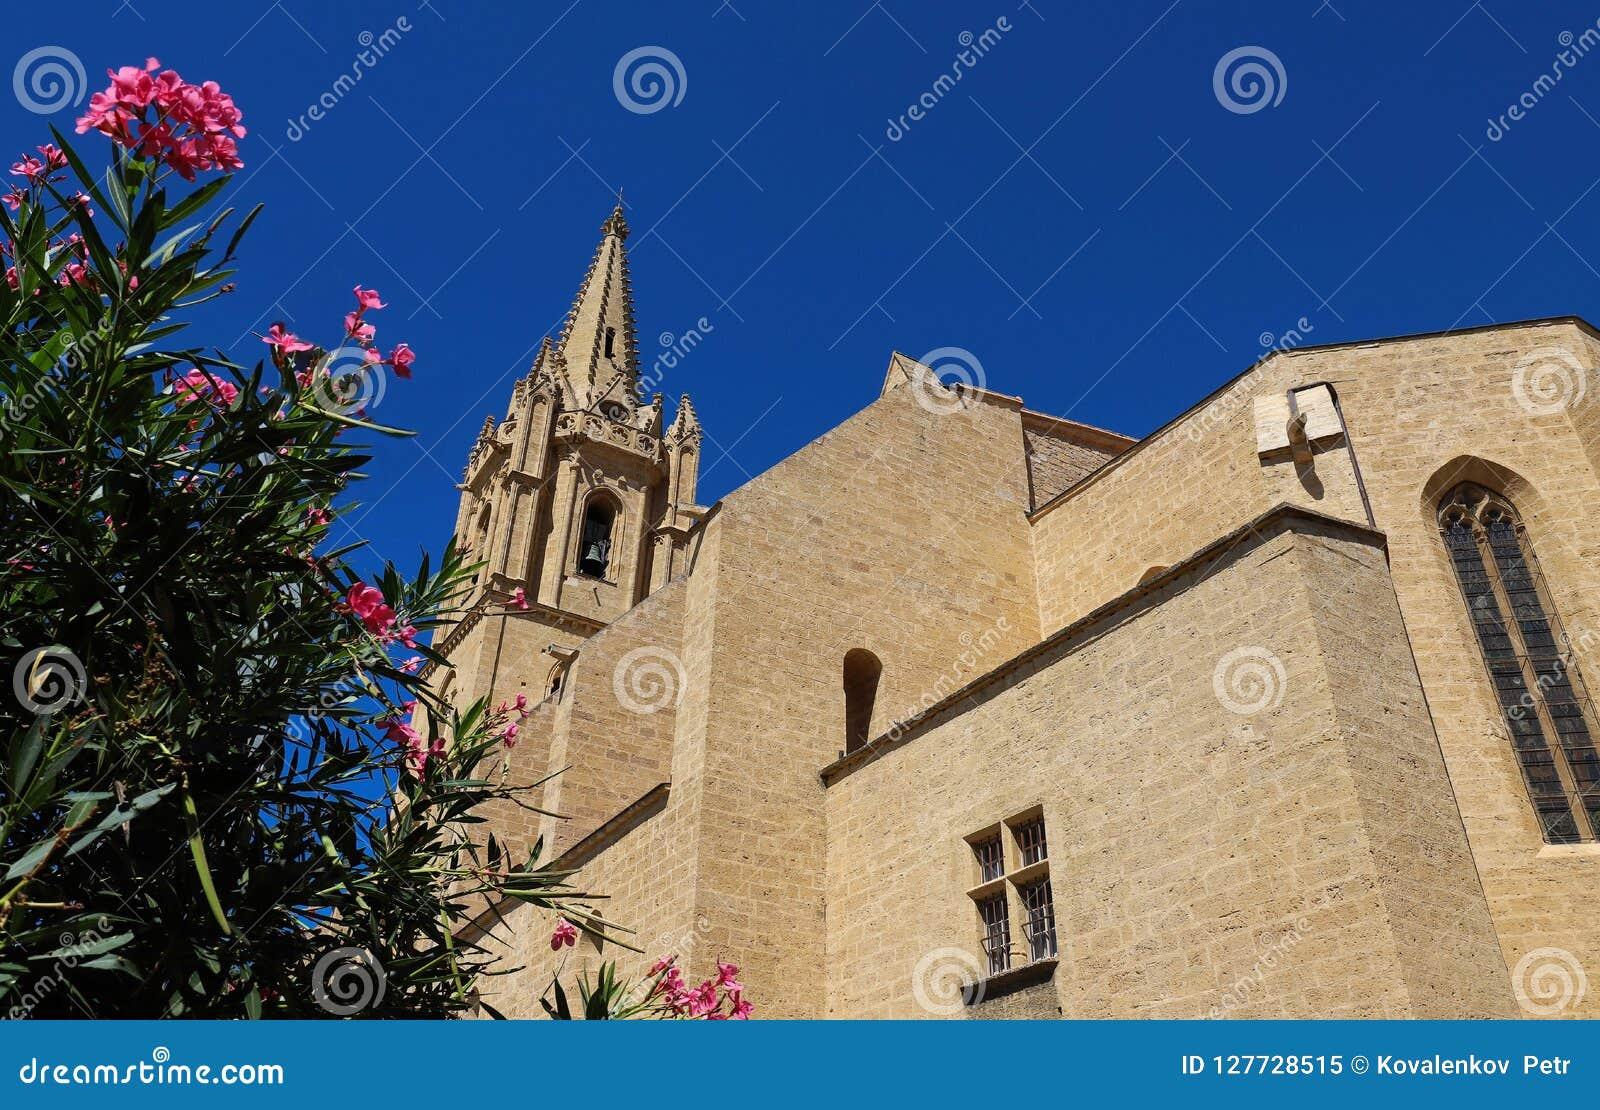 大学的教会圣洛朗是法国` s子午圈哥特式样式的一个优秀例子 沙龙de普罗旺斯,法国